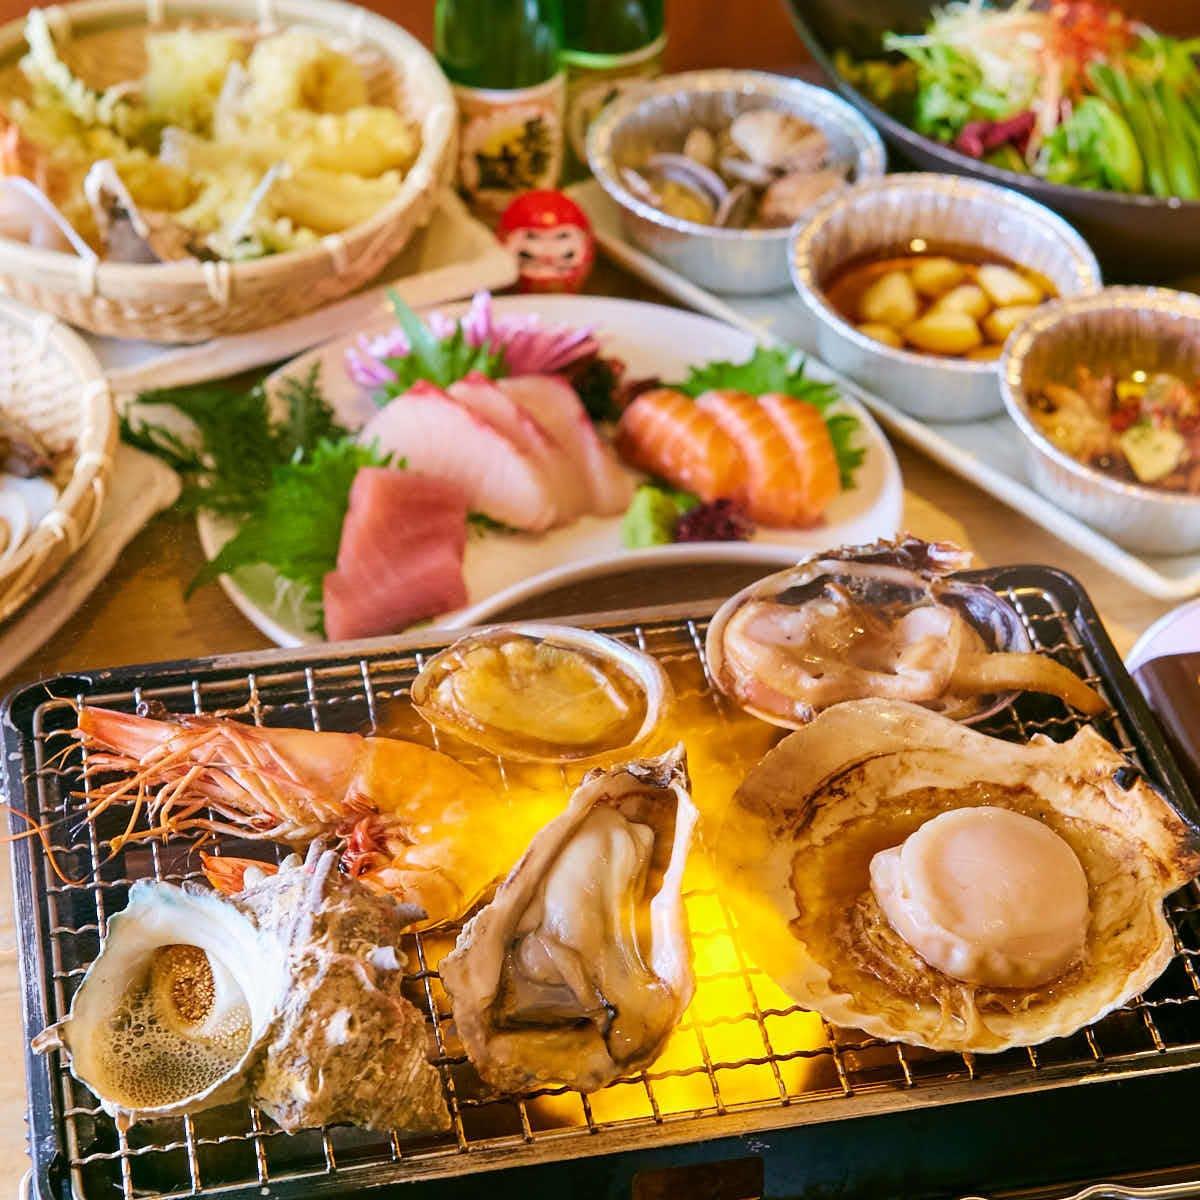 【人気No.1!】三種の海鮮浜焼と肉寿司コース《120分飲み放題付》3500円